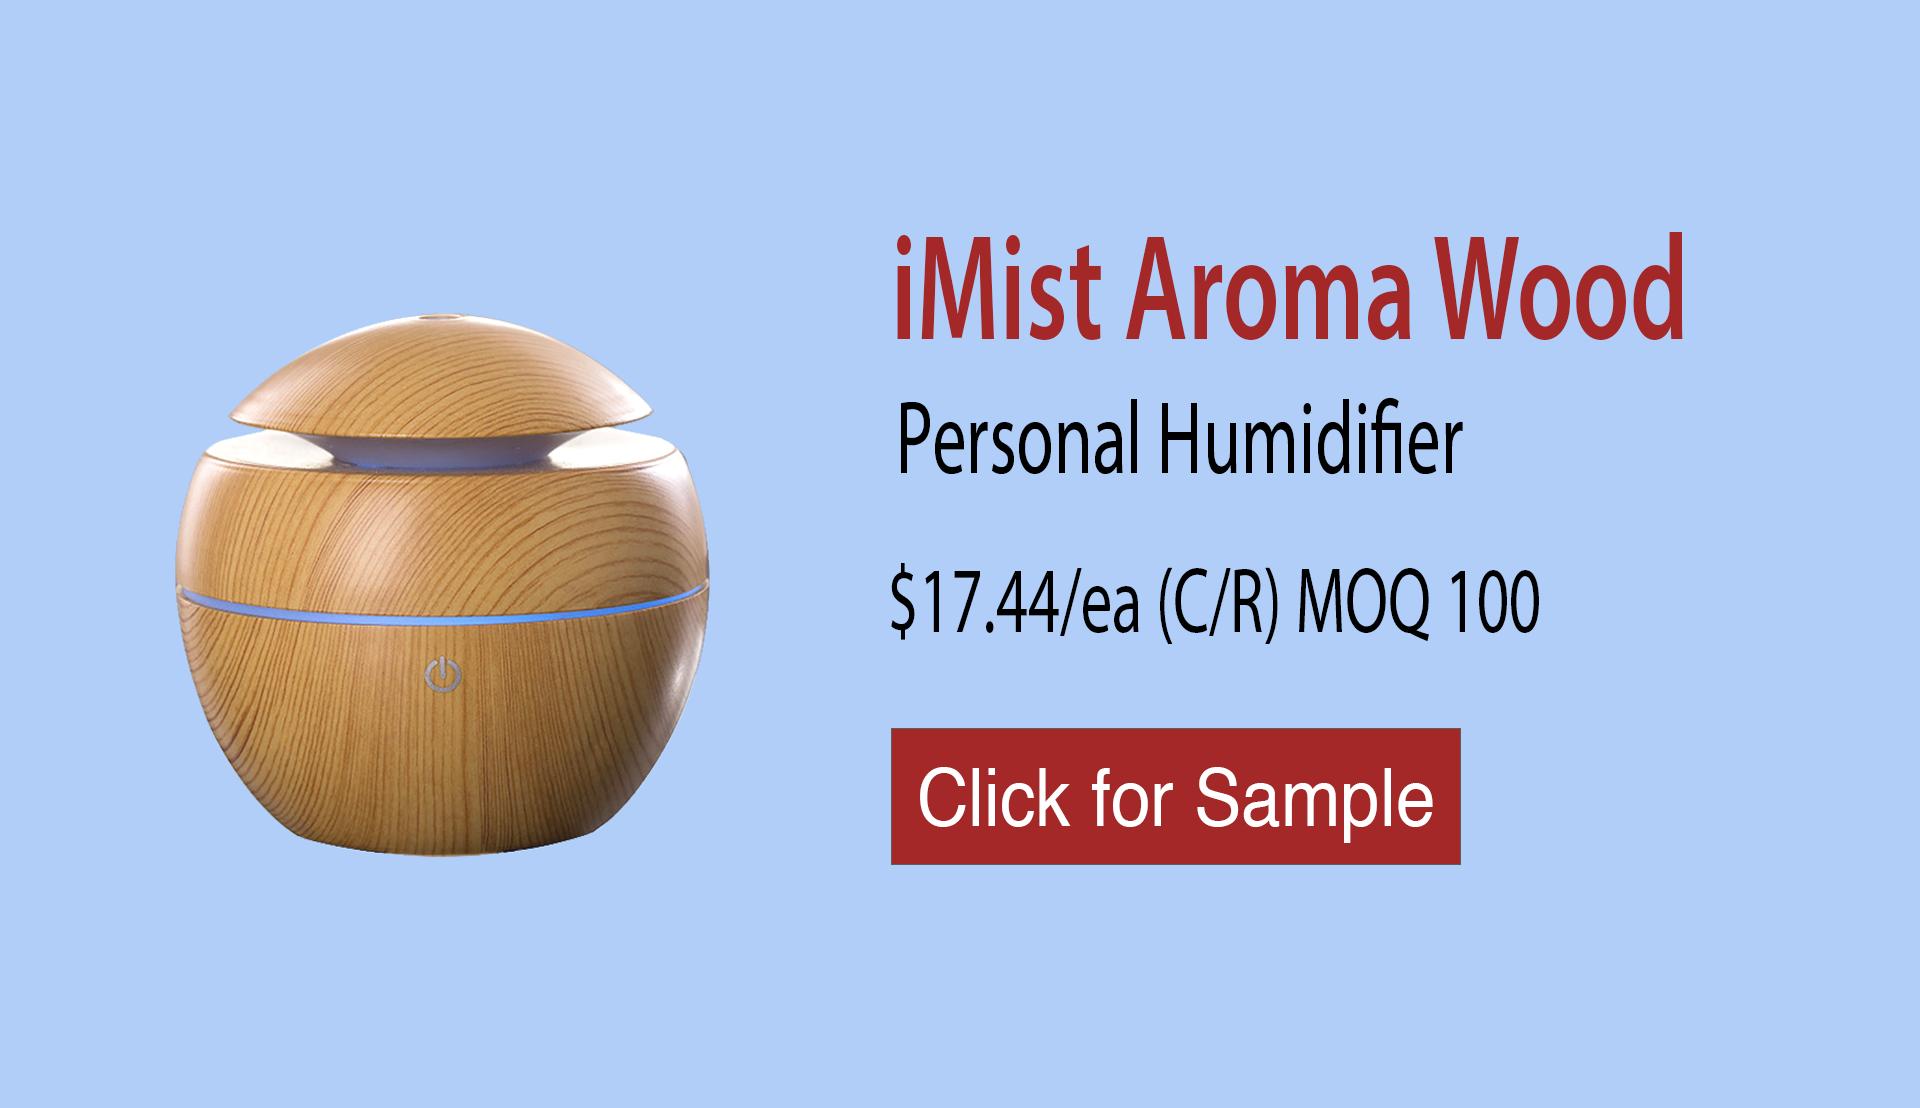 iMist Aroma Wood